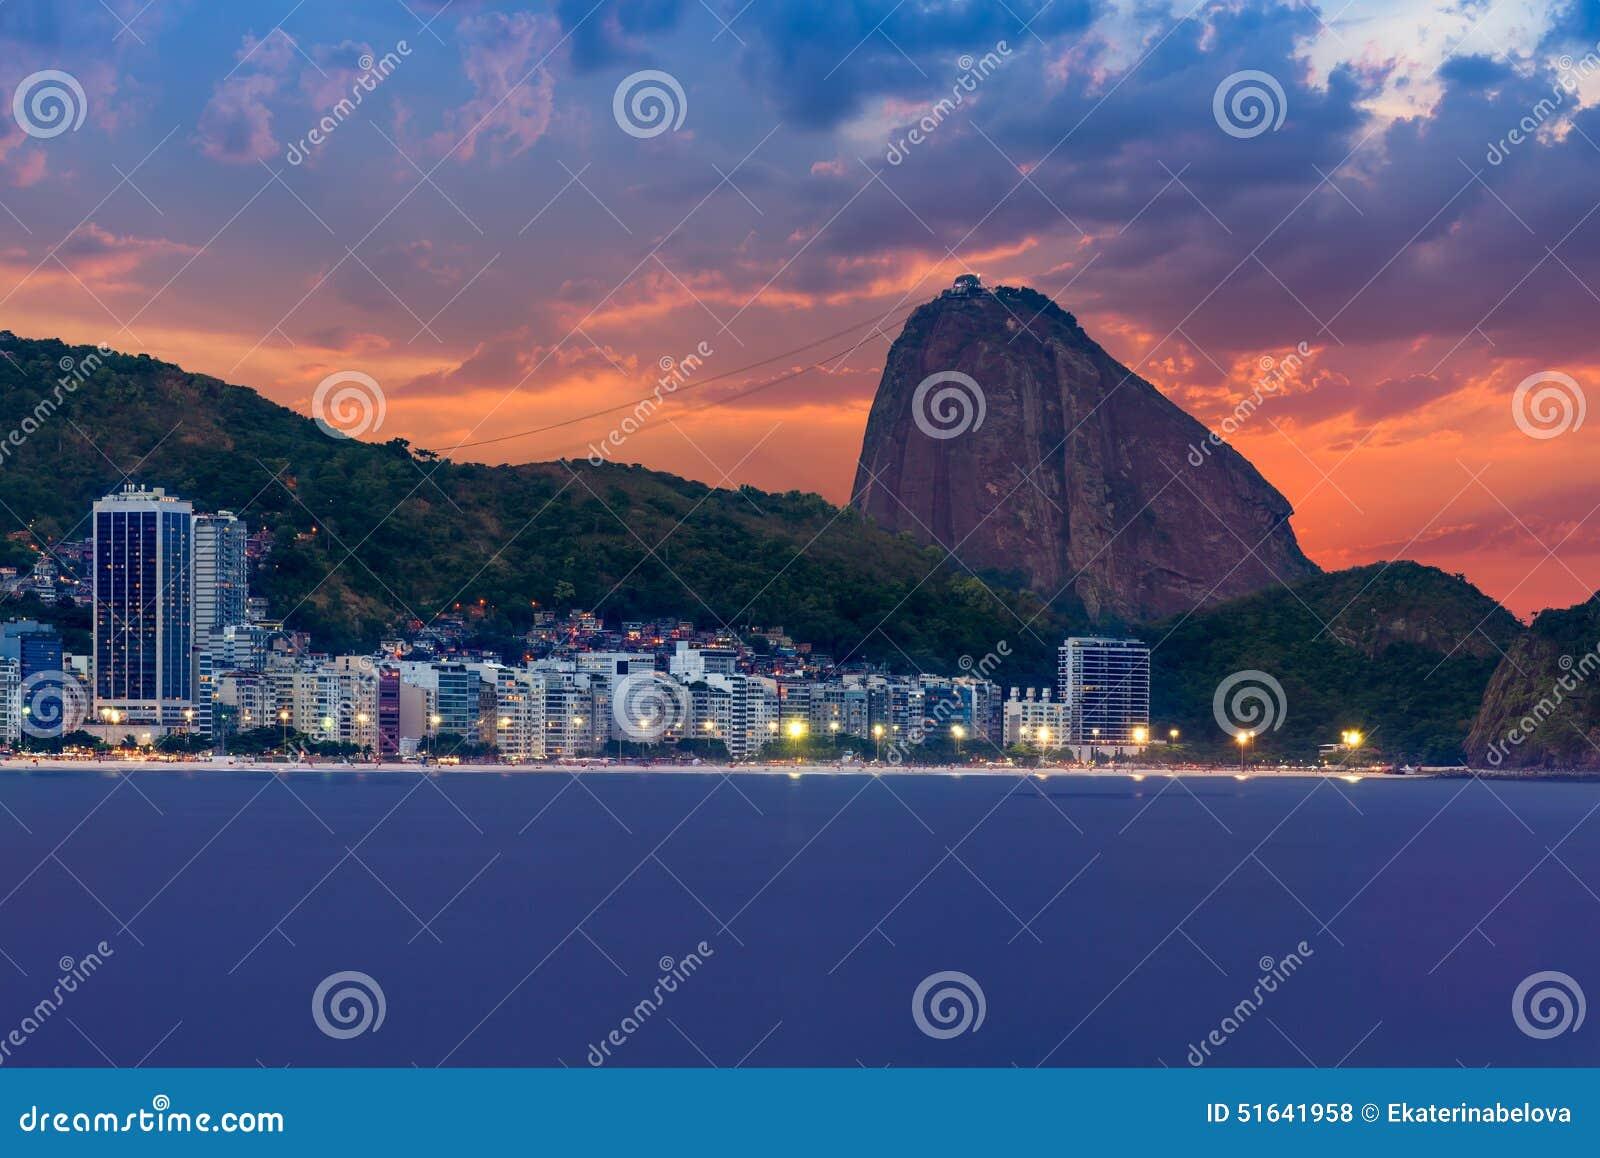 Sunset view of Copacabana, mountain Sugar Loaf in Rio de Janeiro